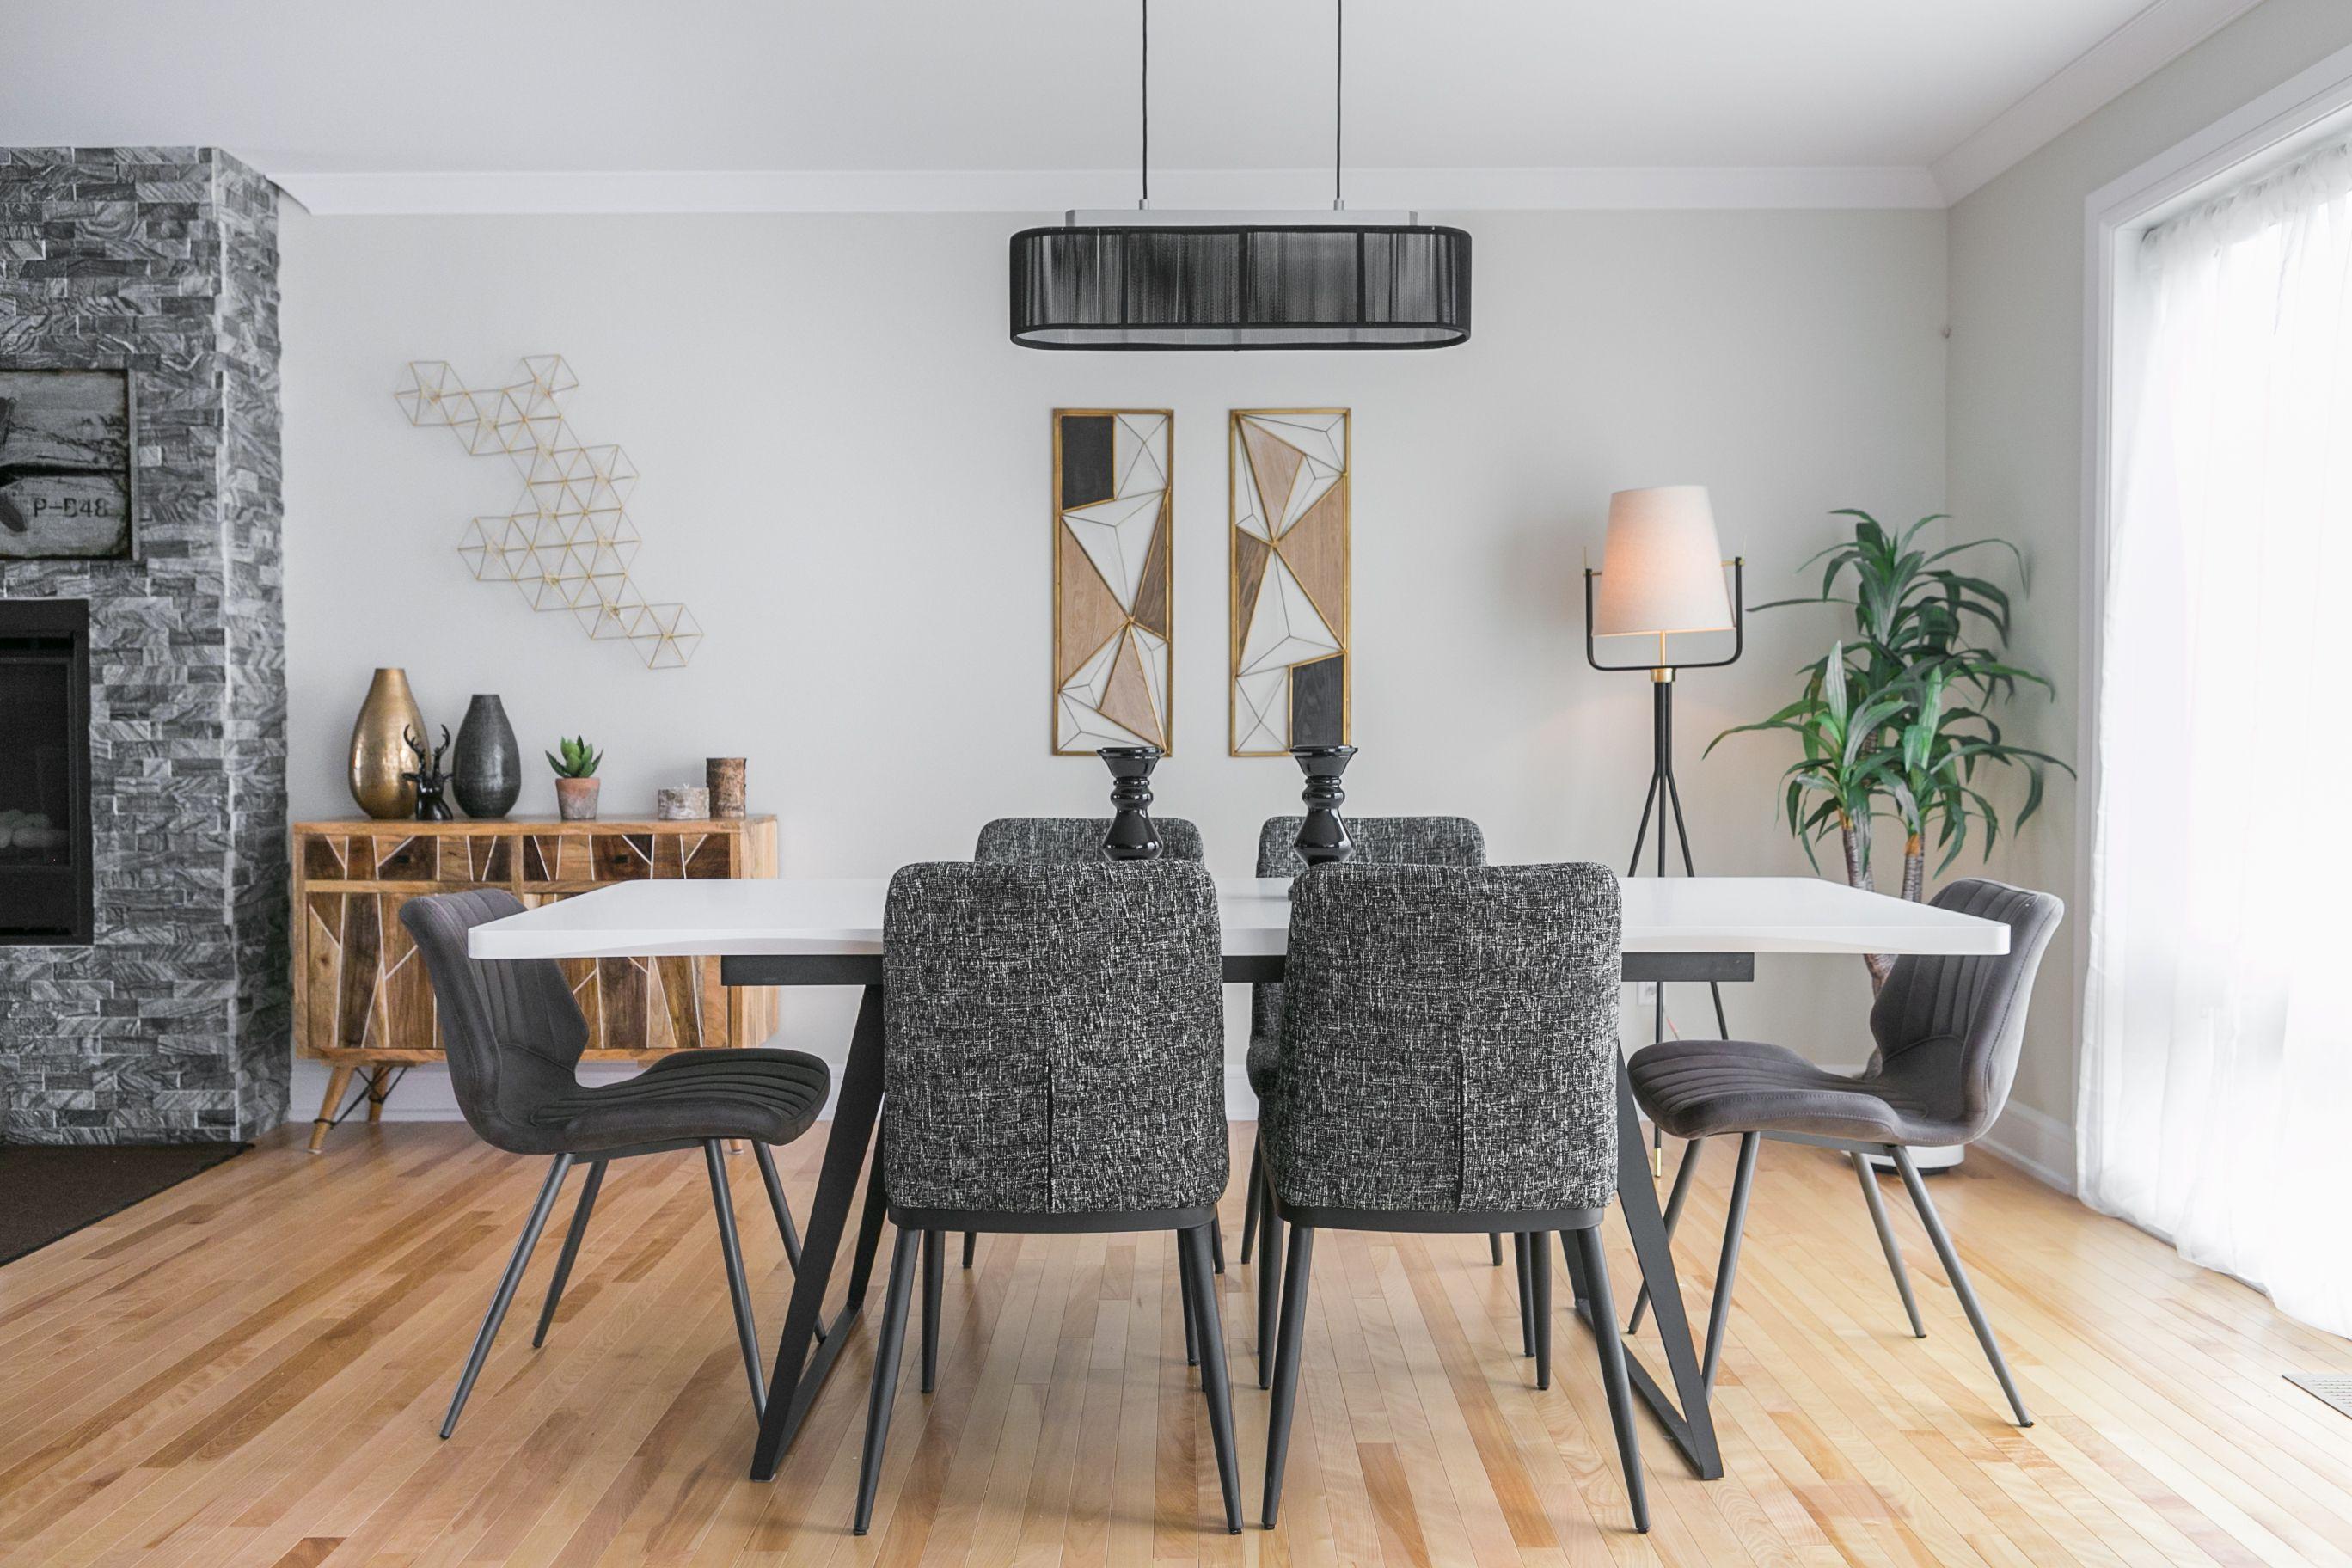 Rehausser Une Table De Salle A Manger pour une salle à manger contemporaine, optez pour un style